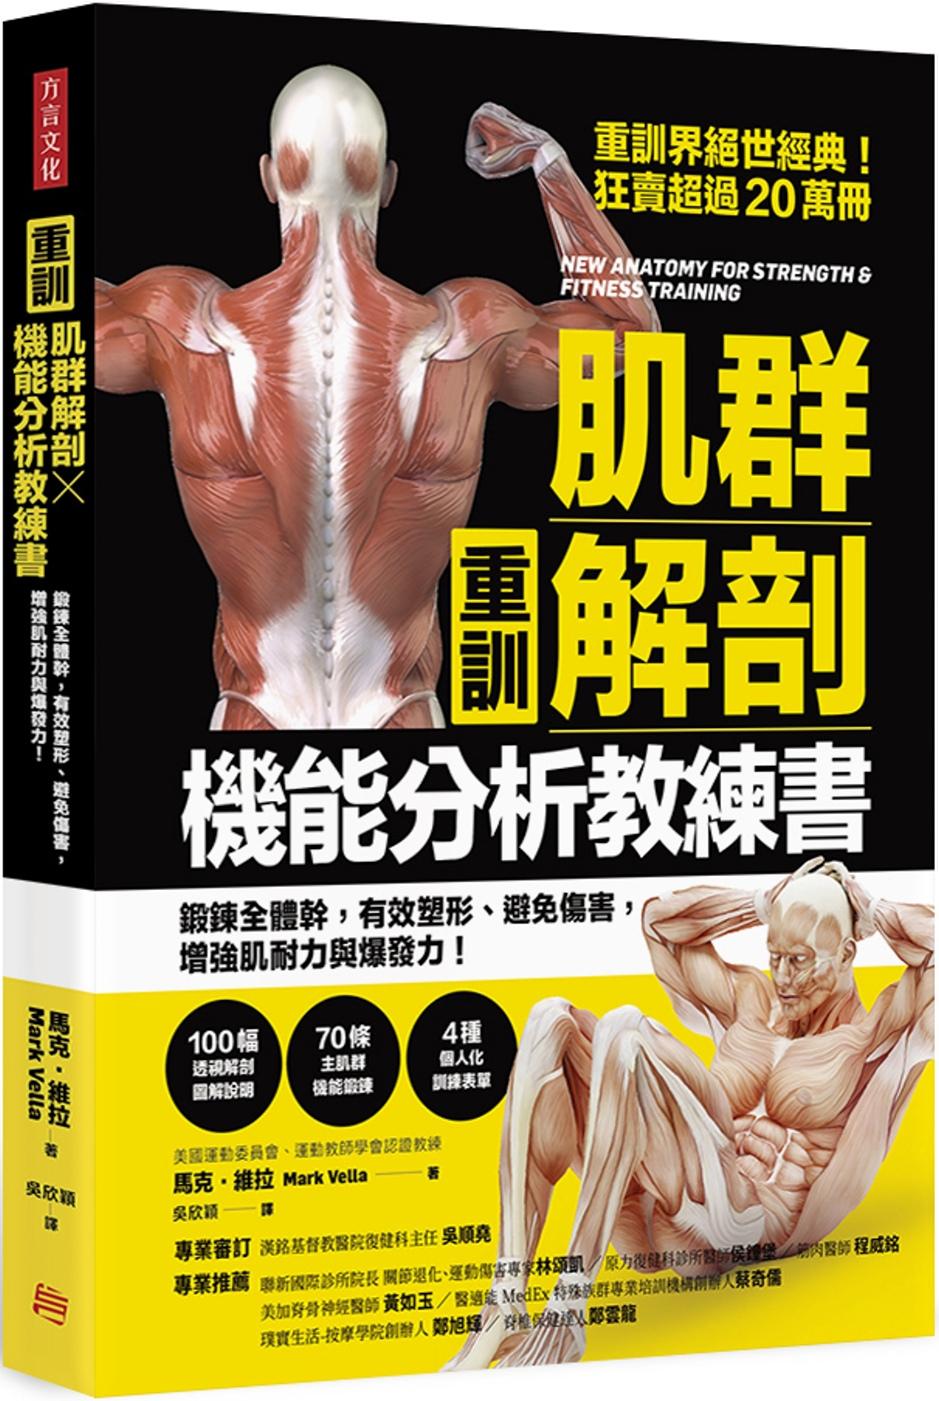 【重訓】肌群解剖X機能分析教練書:鍛鍊全體幹,有效塑形、避免傷害, 增強肌耐力與爆發力!